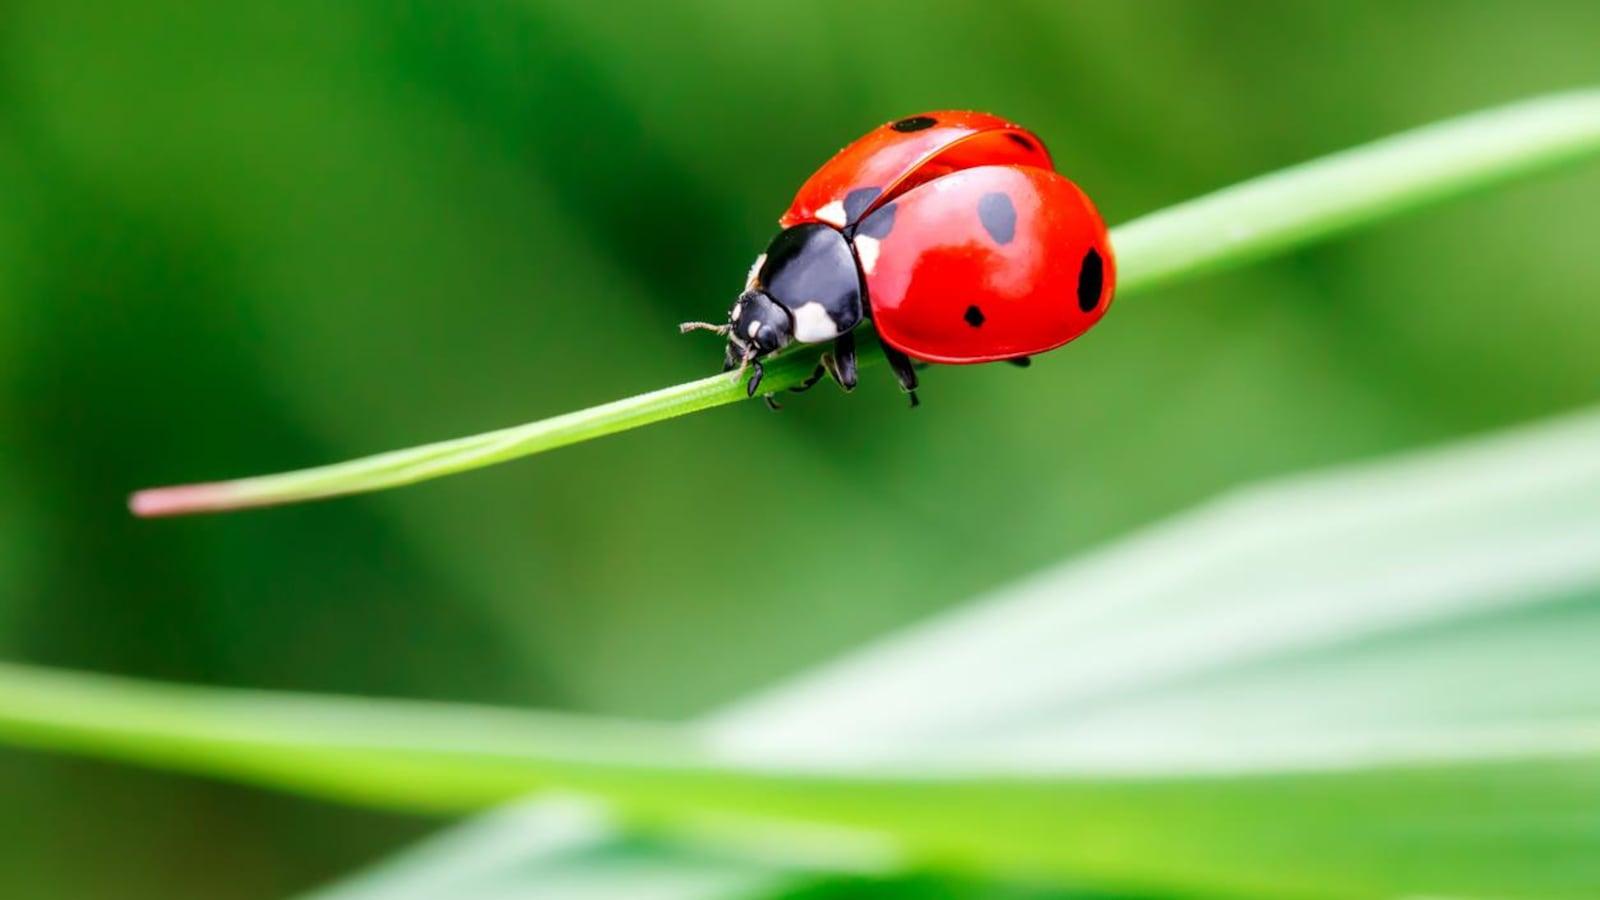 Photo macro de coccinelle dans l'herbe verte. Monde des insectes et des insectes macro. Nature au printemps concept.